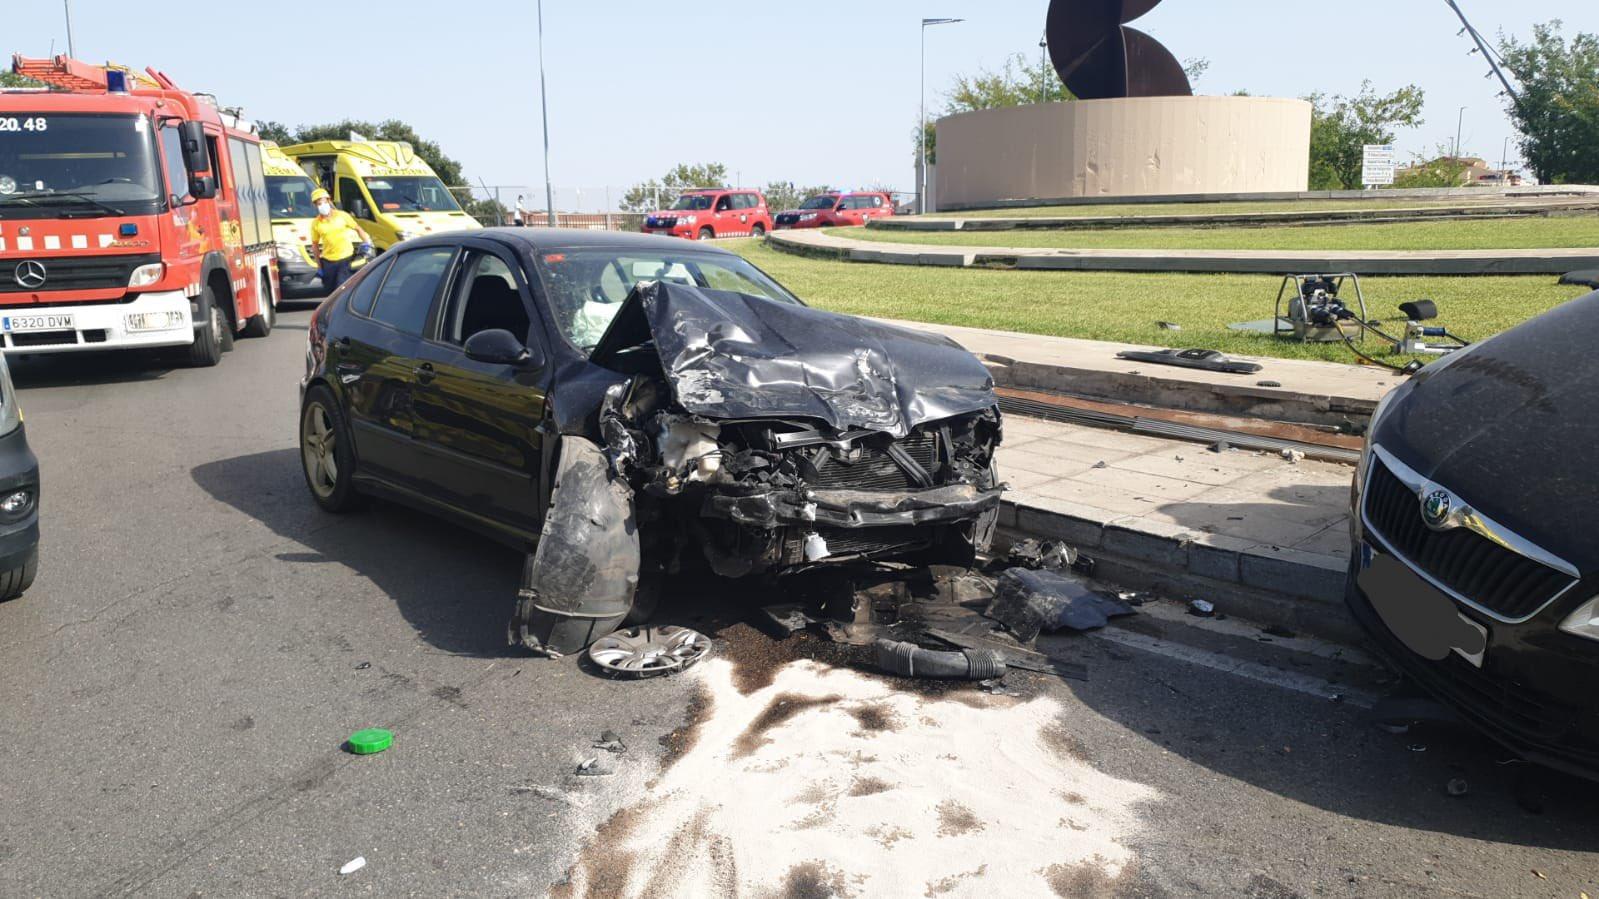 Estat en què va quedar un dels vehicles implicats en l'accident | Policia Municipal de Terrassa